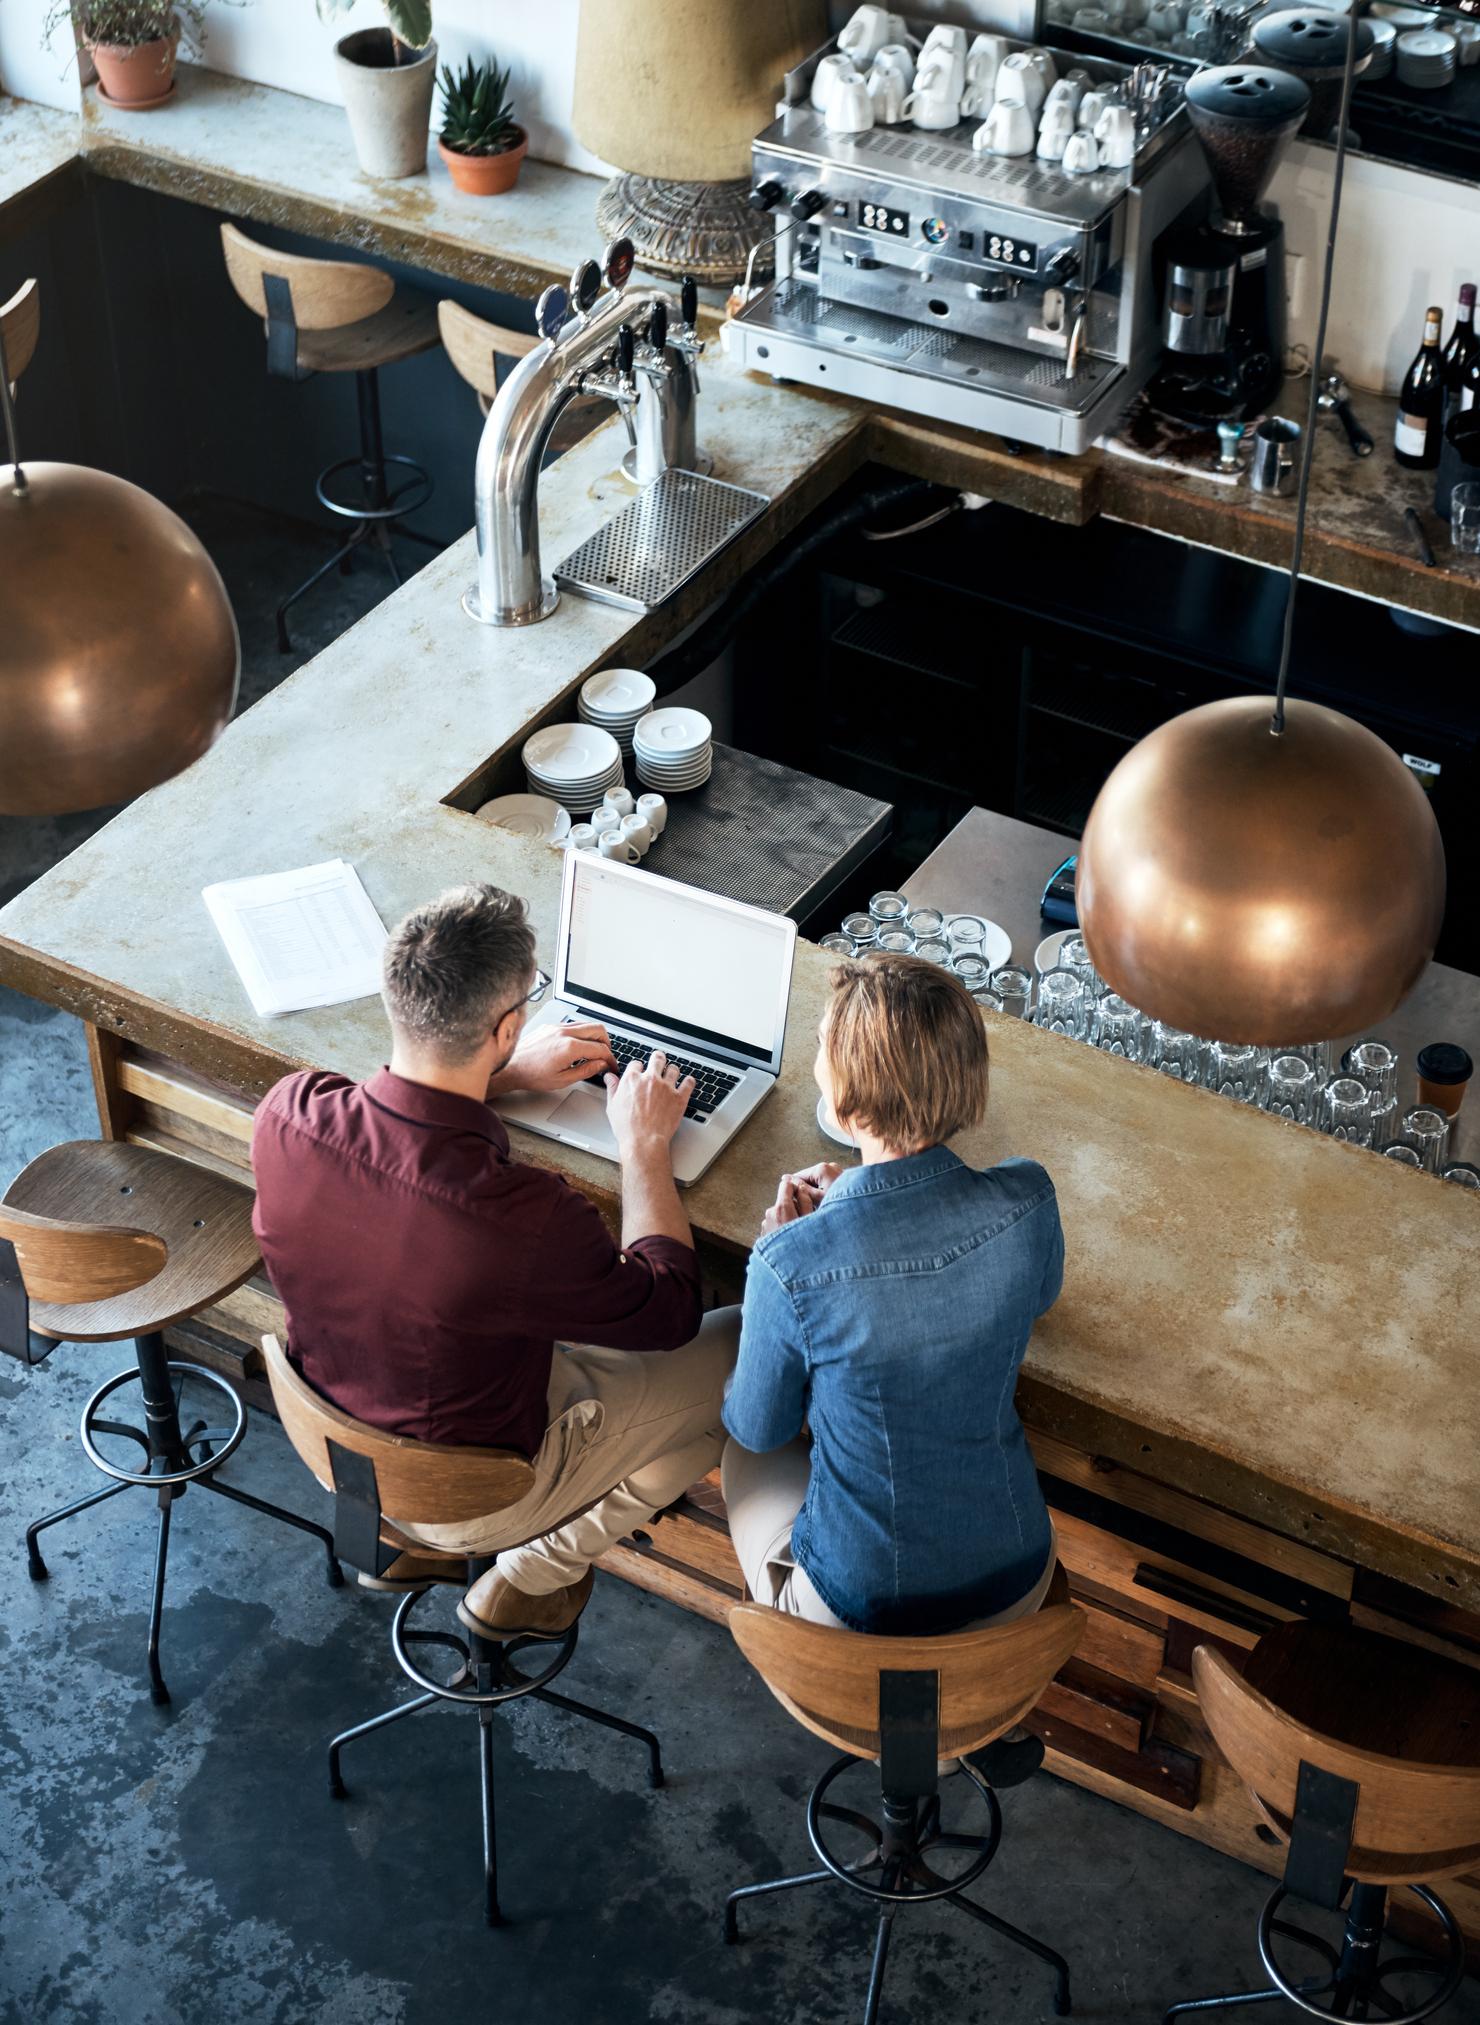 Meeting in restaurant